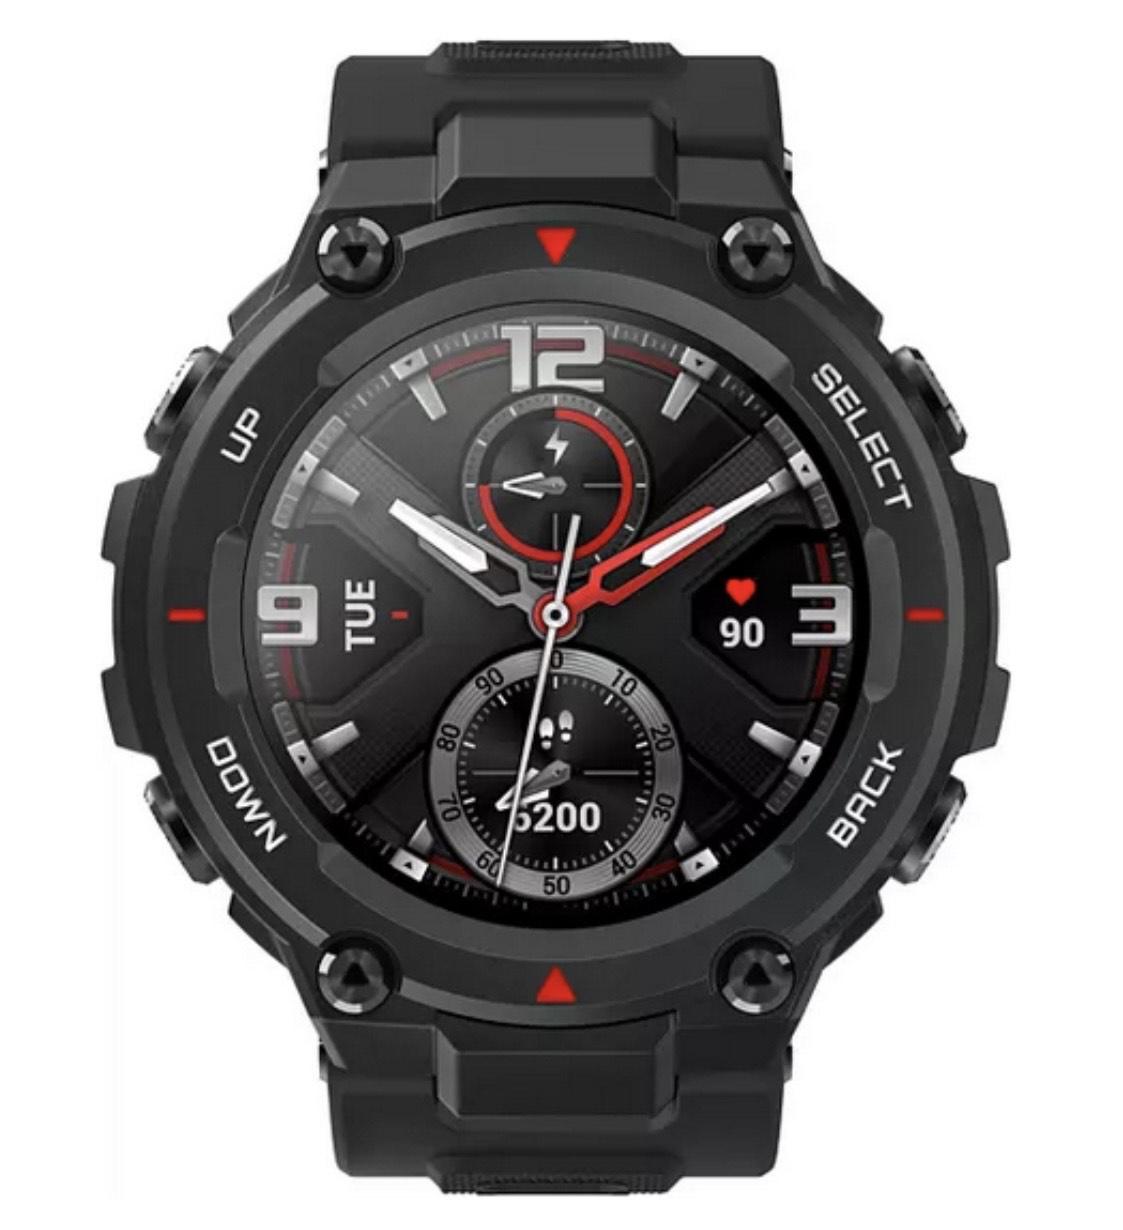 [dasHandy.de]Amazfit T-Rex Outdoor-Sport-Smartwatch in Schwarz (Preis wie BF BF)